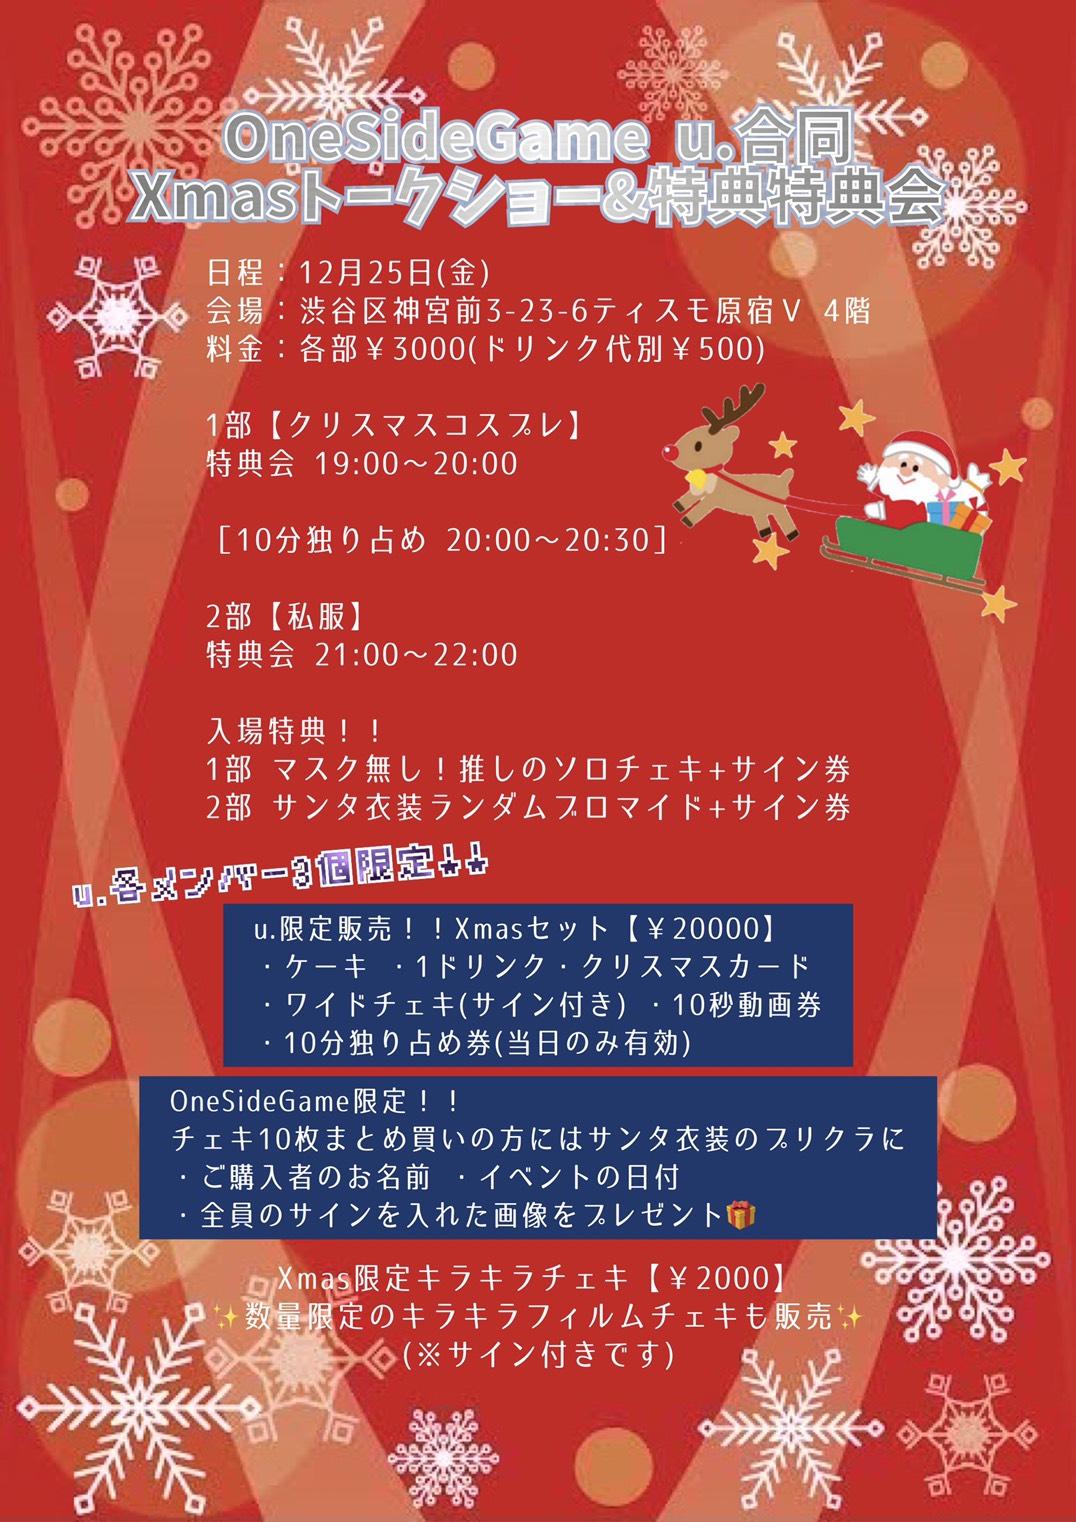 OSG&u.  聖なるXmas 合同トークショー&特典会 2部